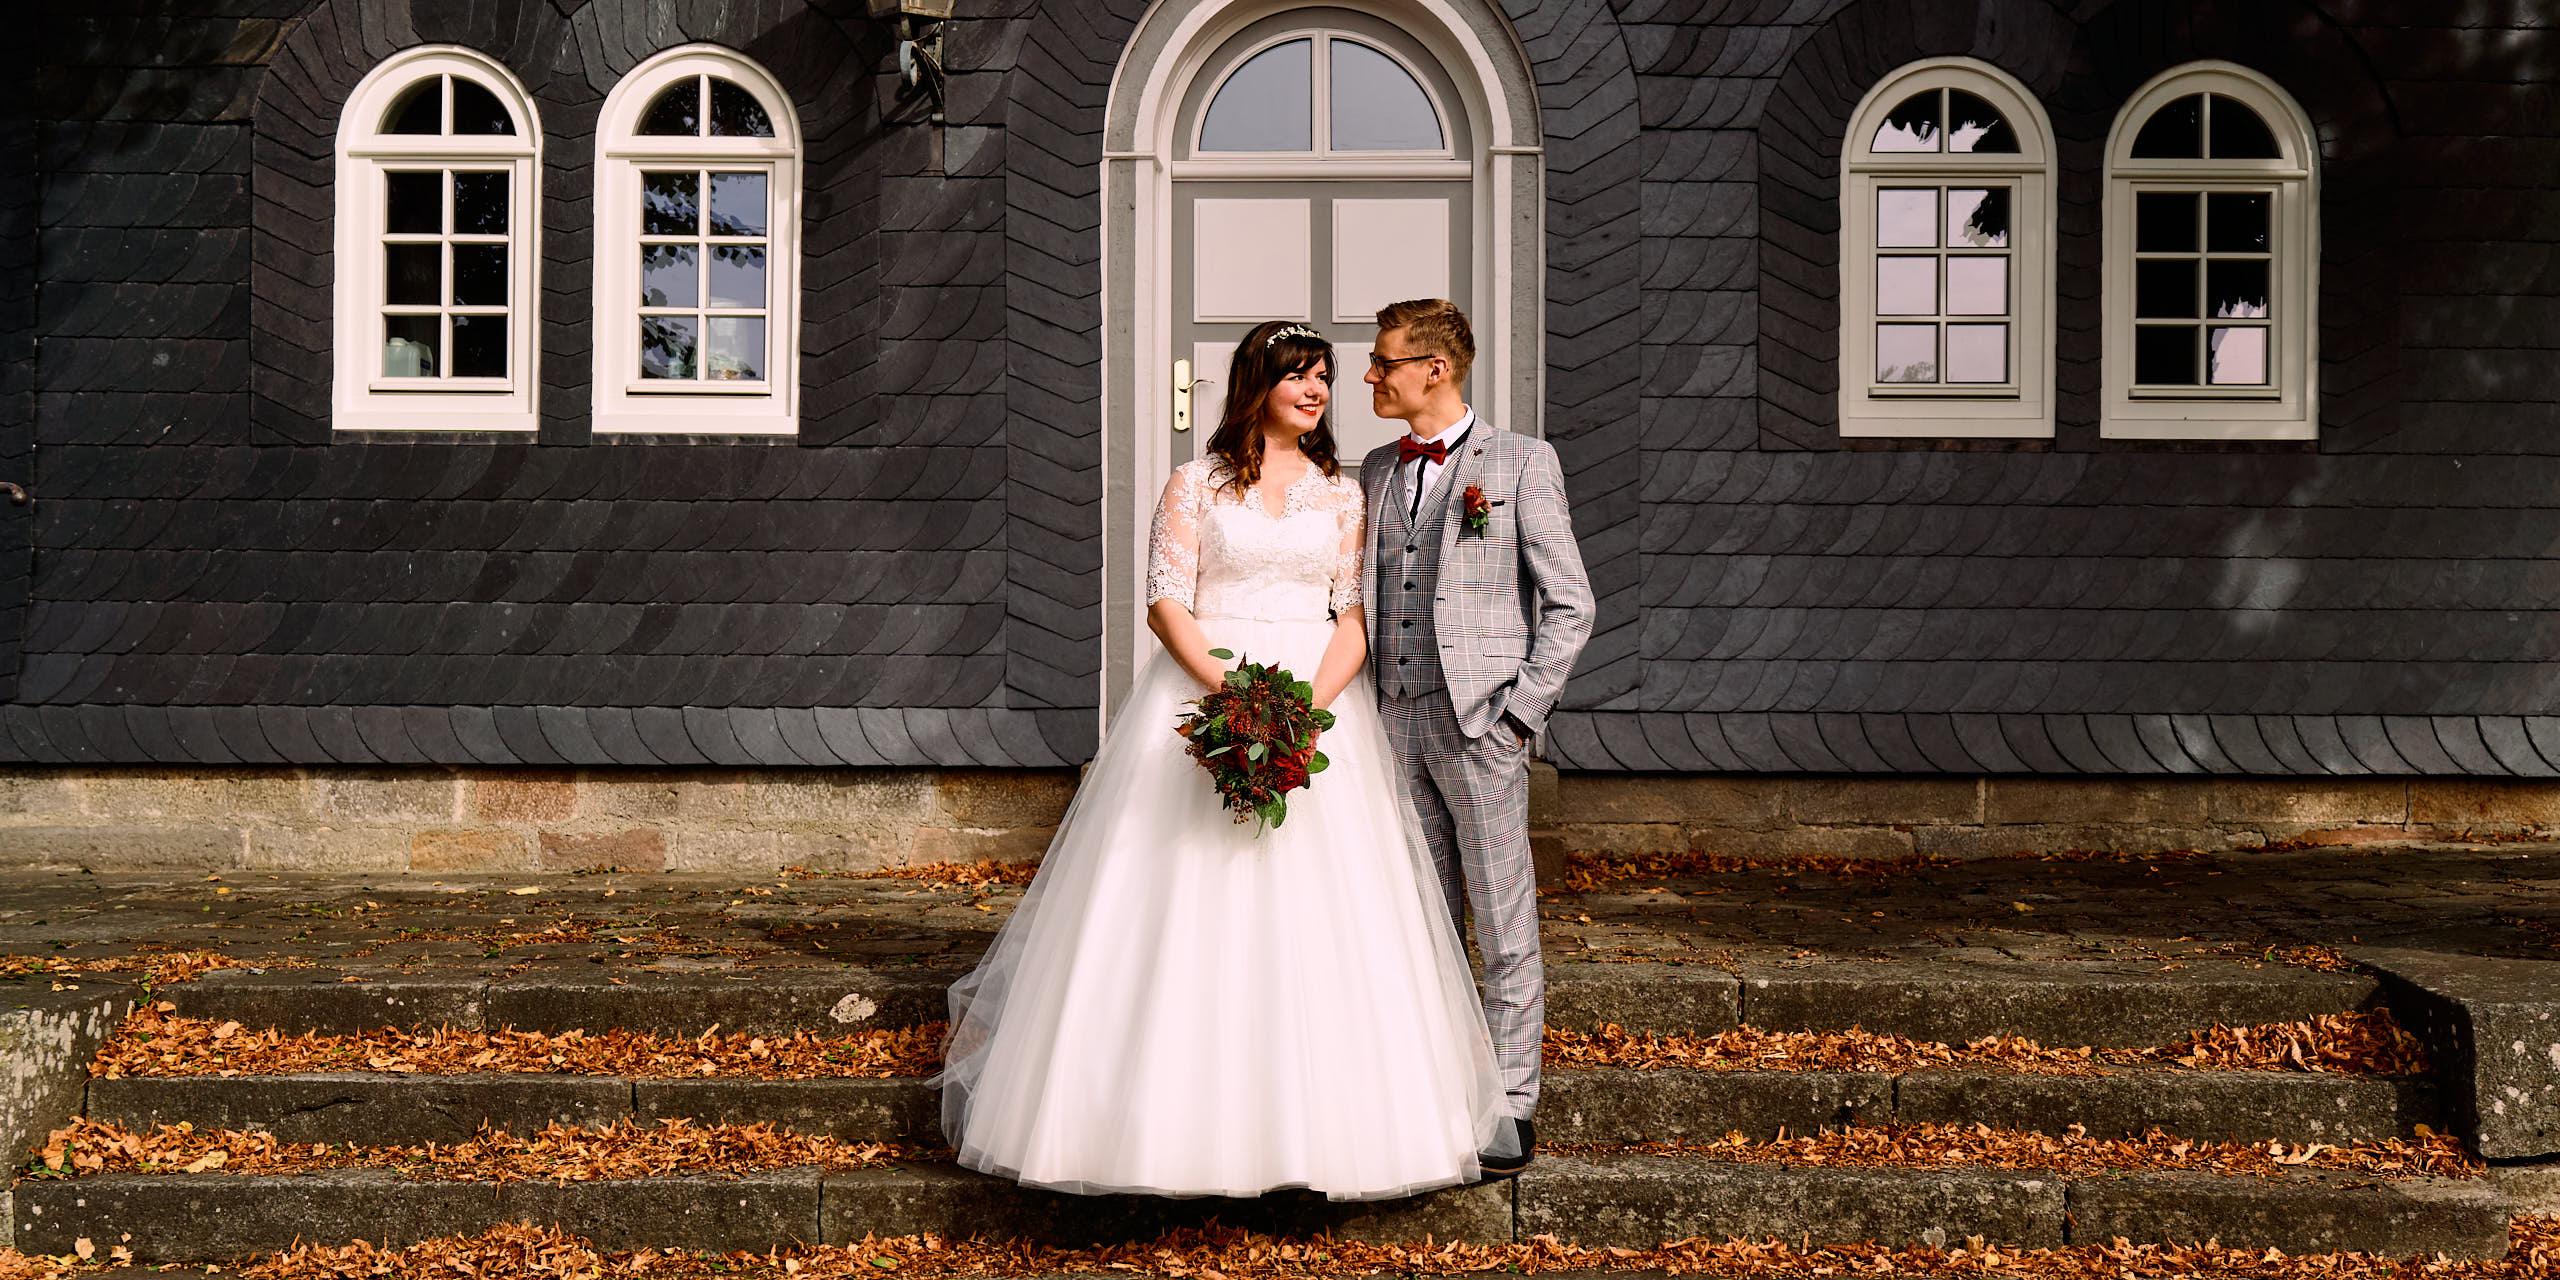 Hochzeitsfotograf Spangenberg - Schloss Spangenberg